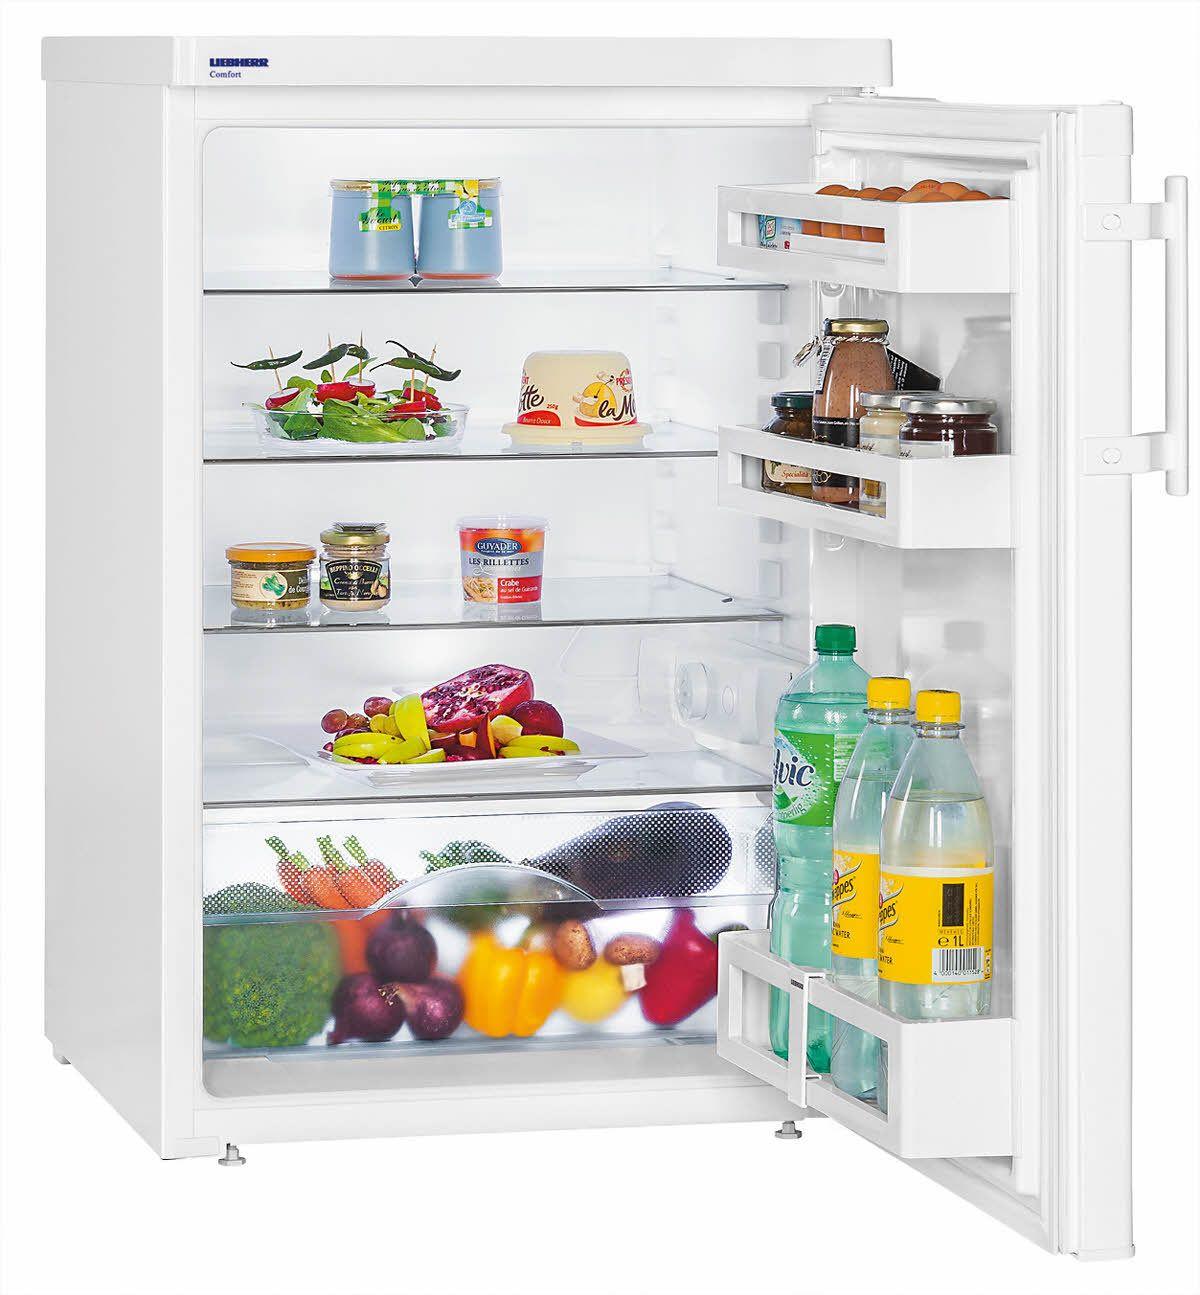 Холодильник LIEBHERR T 1710-21 001Холодильники<br><br><br>Артикул: T 1710<br>Бренд: Liebherr<br>Высота упаковки (мм): 920<br>Длина упаковки (мм): 720<br>Ширина упаковки (мм): 570<br>Гарантия производителя: да<br>Вес упаковки (кг): 43